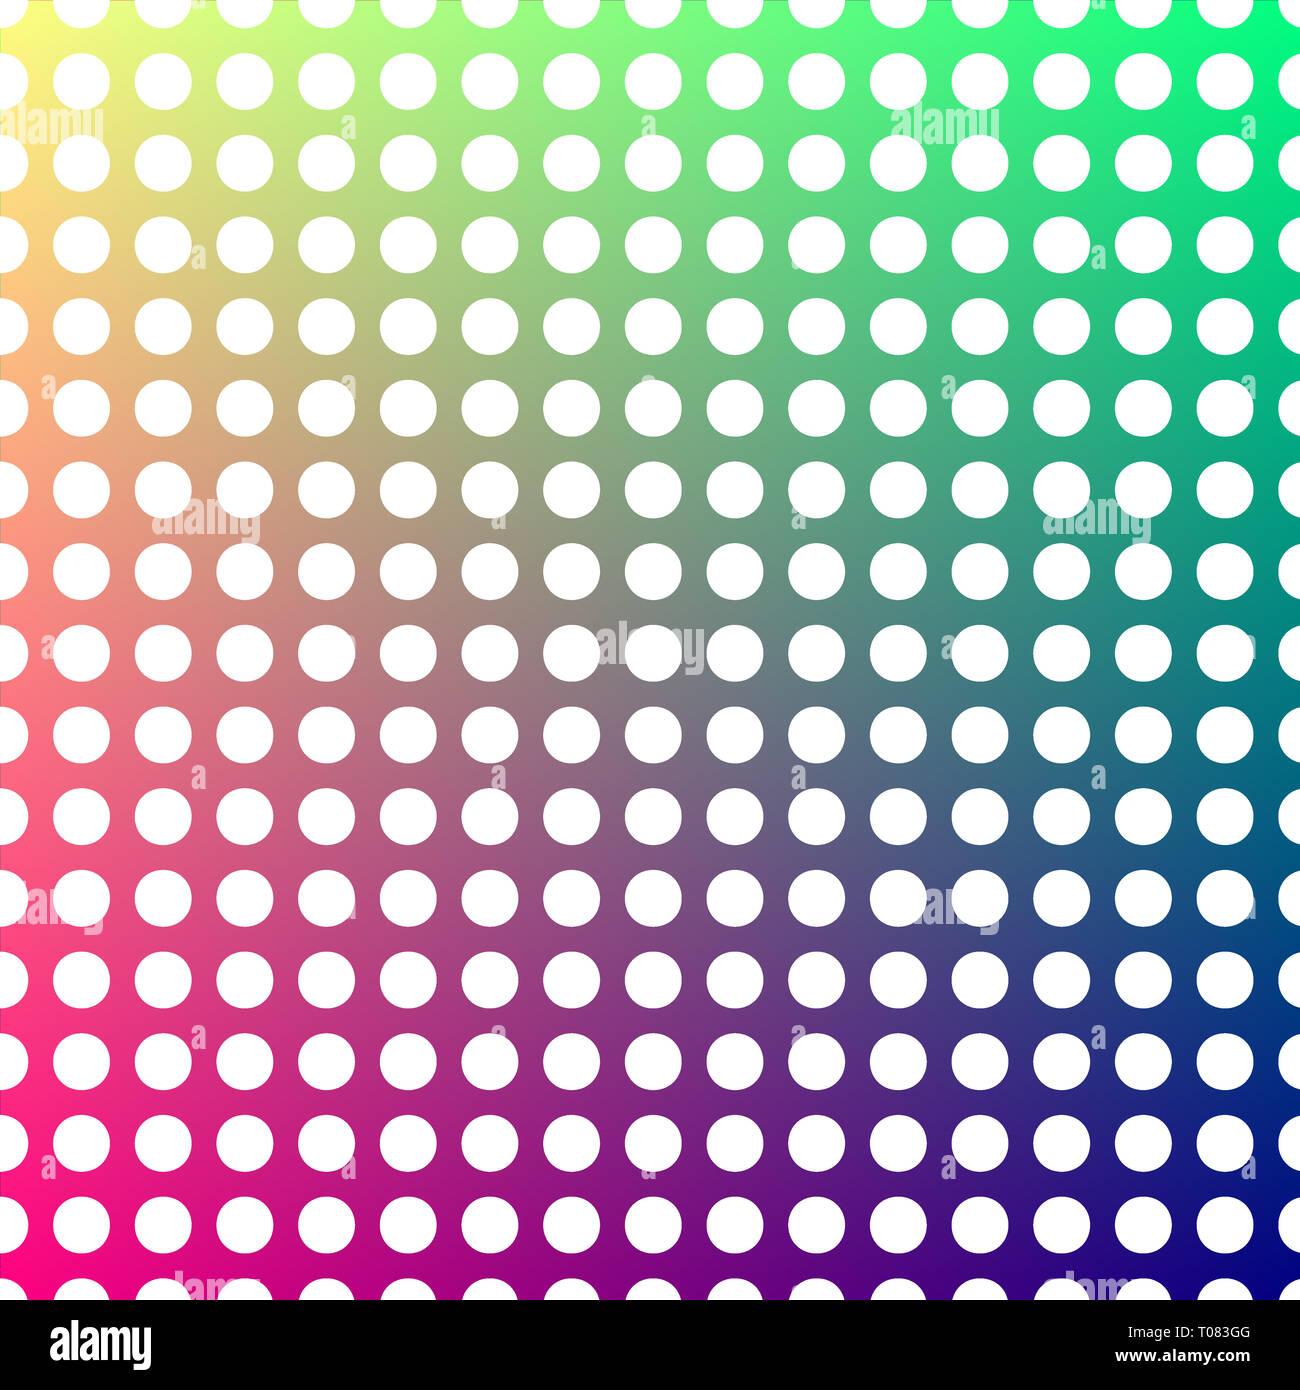 Le linee di punti di colore bianco su uno sfondo che cambia da verde a rosso. Immagini Stock